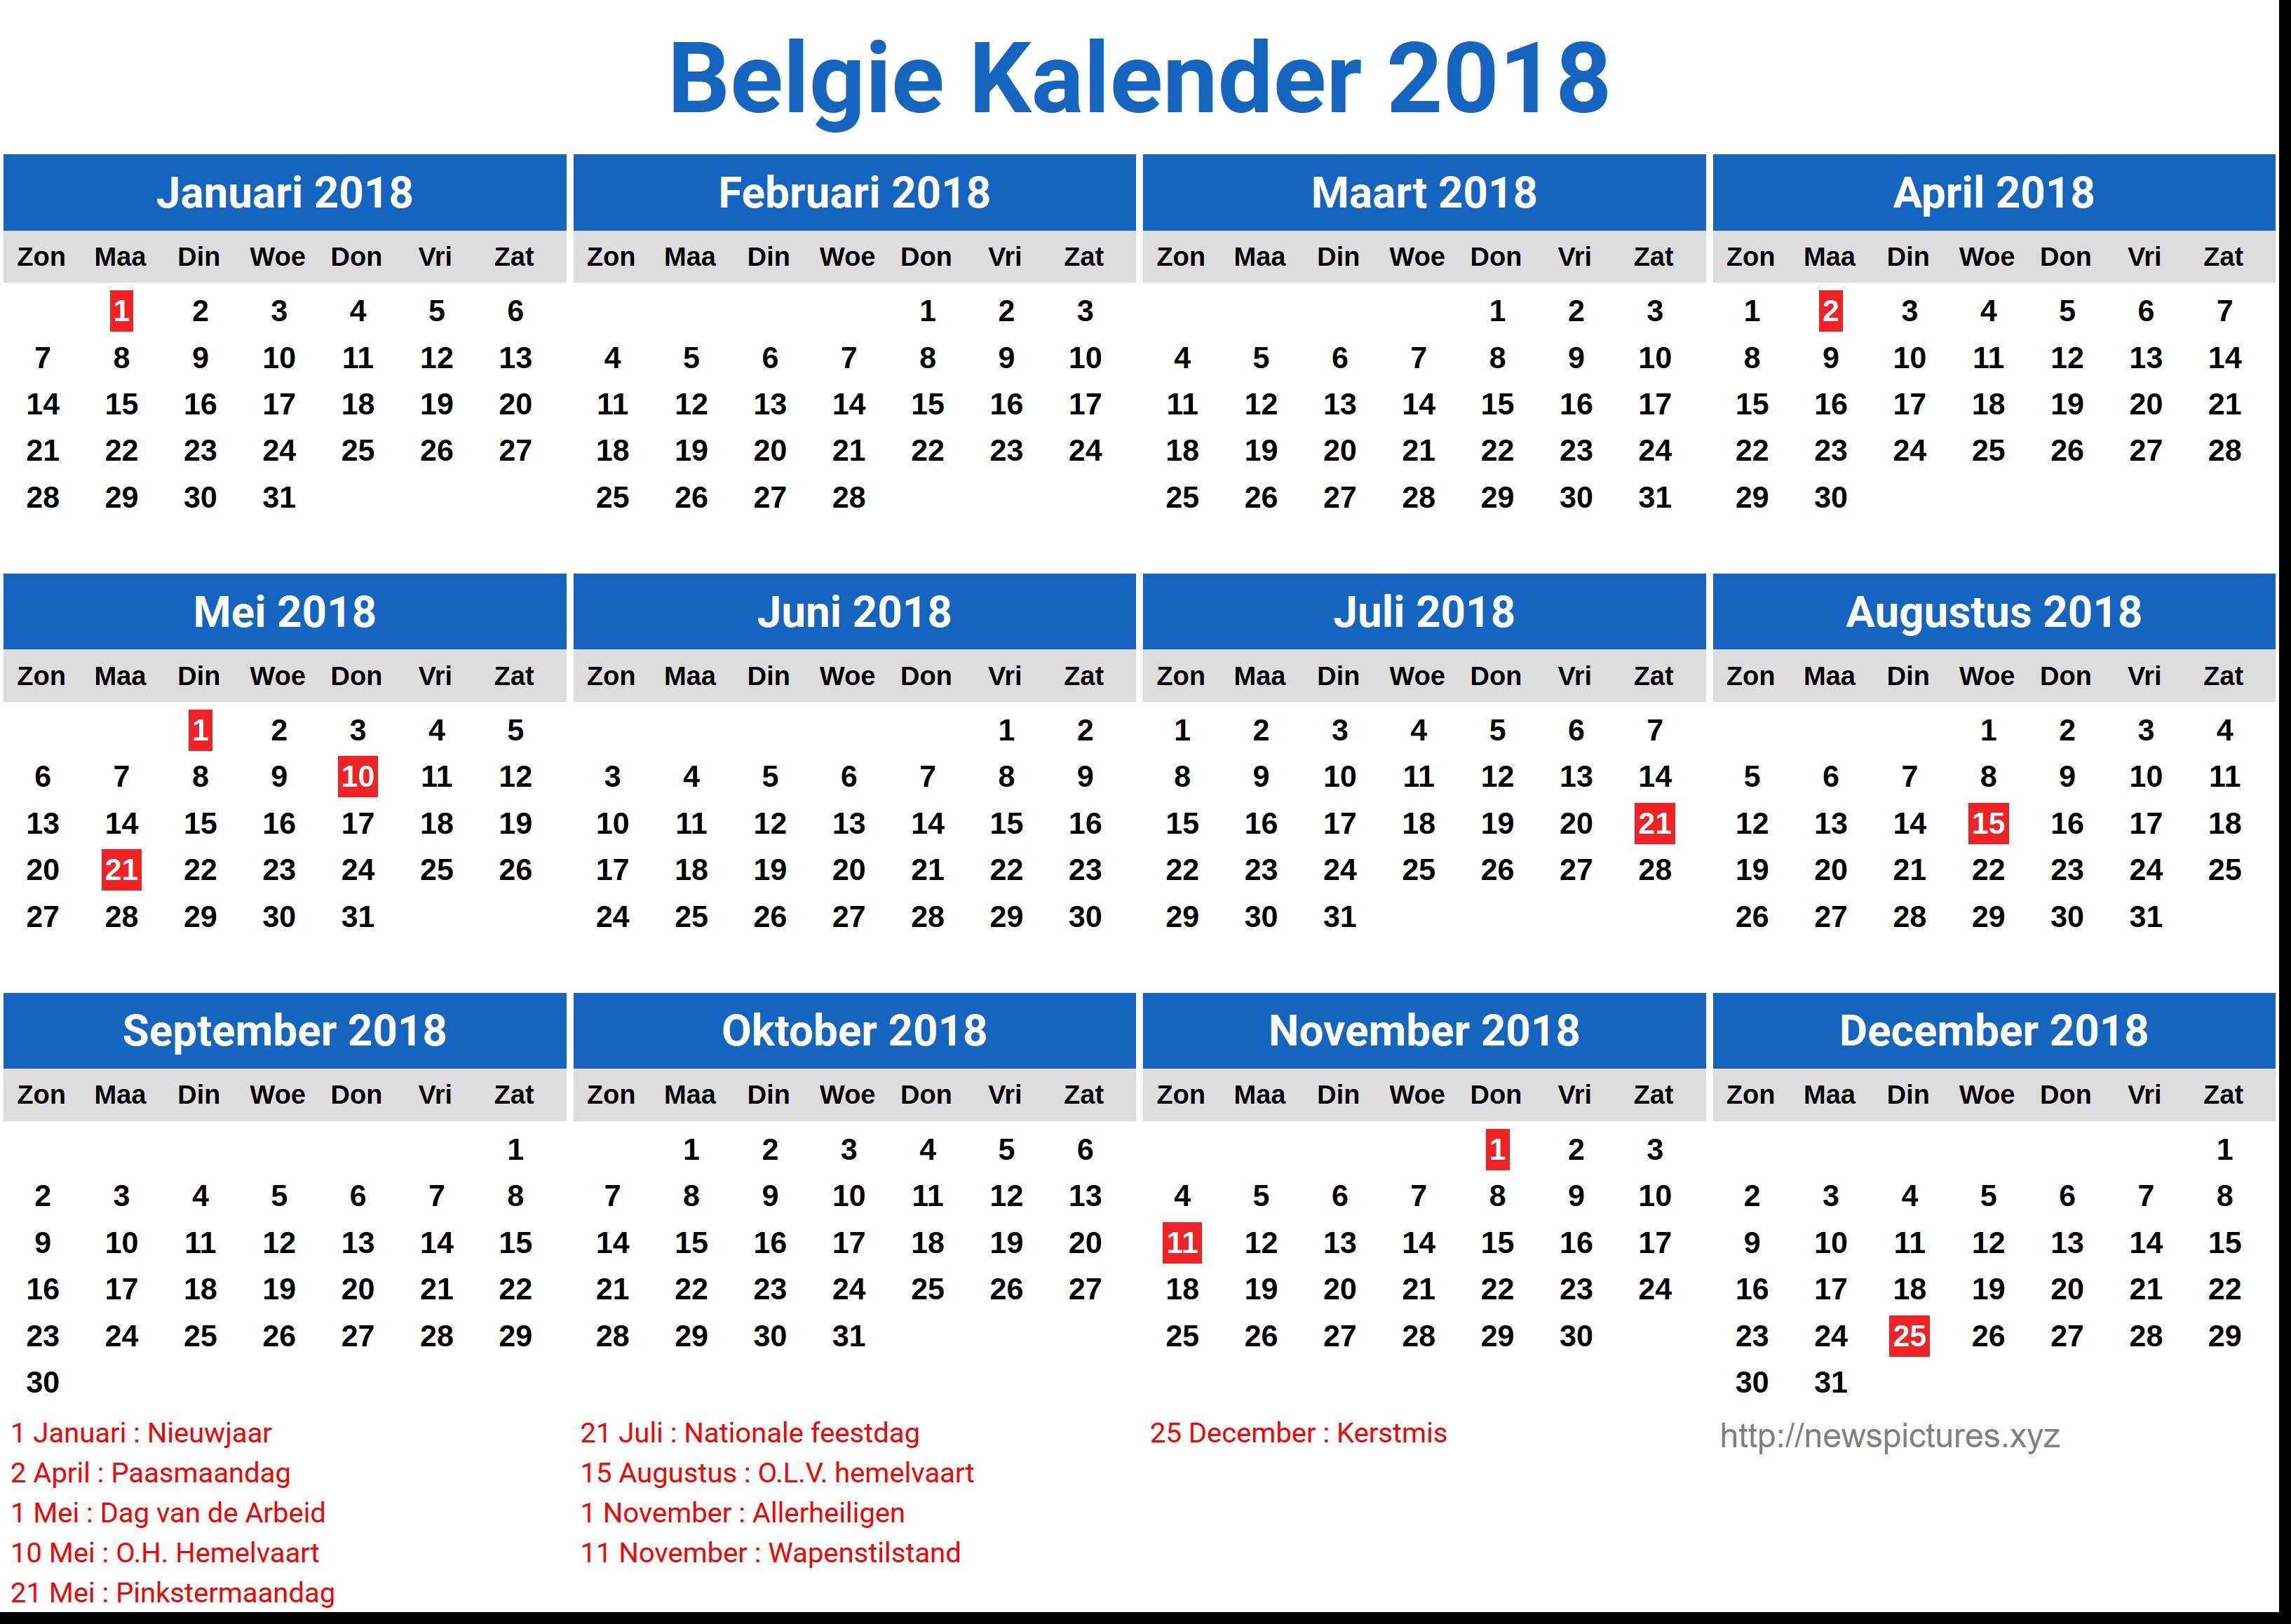 Kalender 2019 Excel Met Feestdagen Más Actual Kalender 2018 Met Weeknummers Printen Archidev Of Kalender 2019 Excel Met Feestdagen Más Recientemente Liberado Winter In Oslo norway